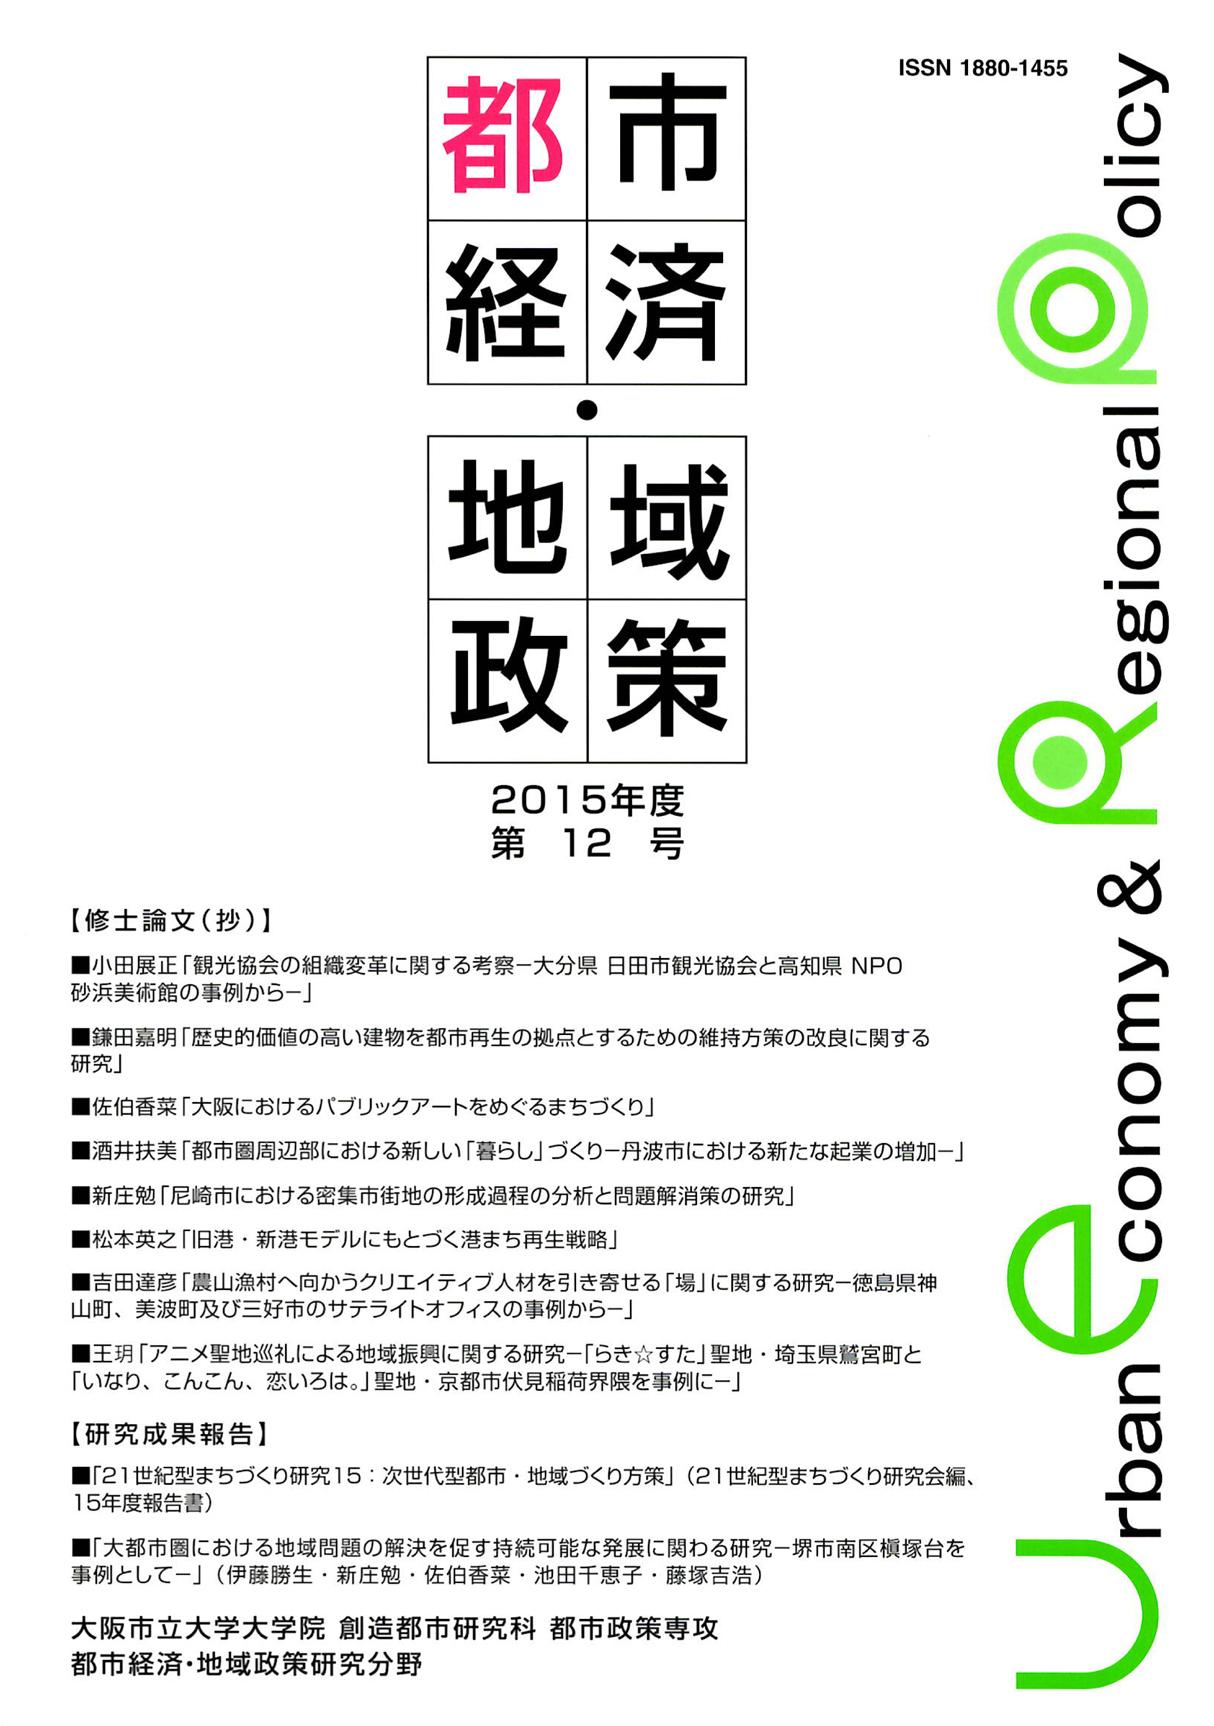 shushironbun2015_1